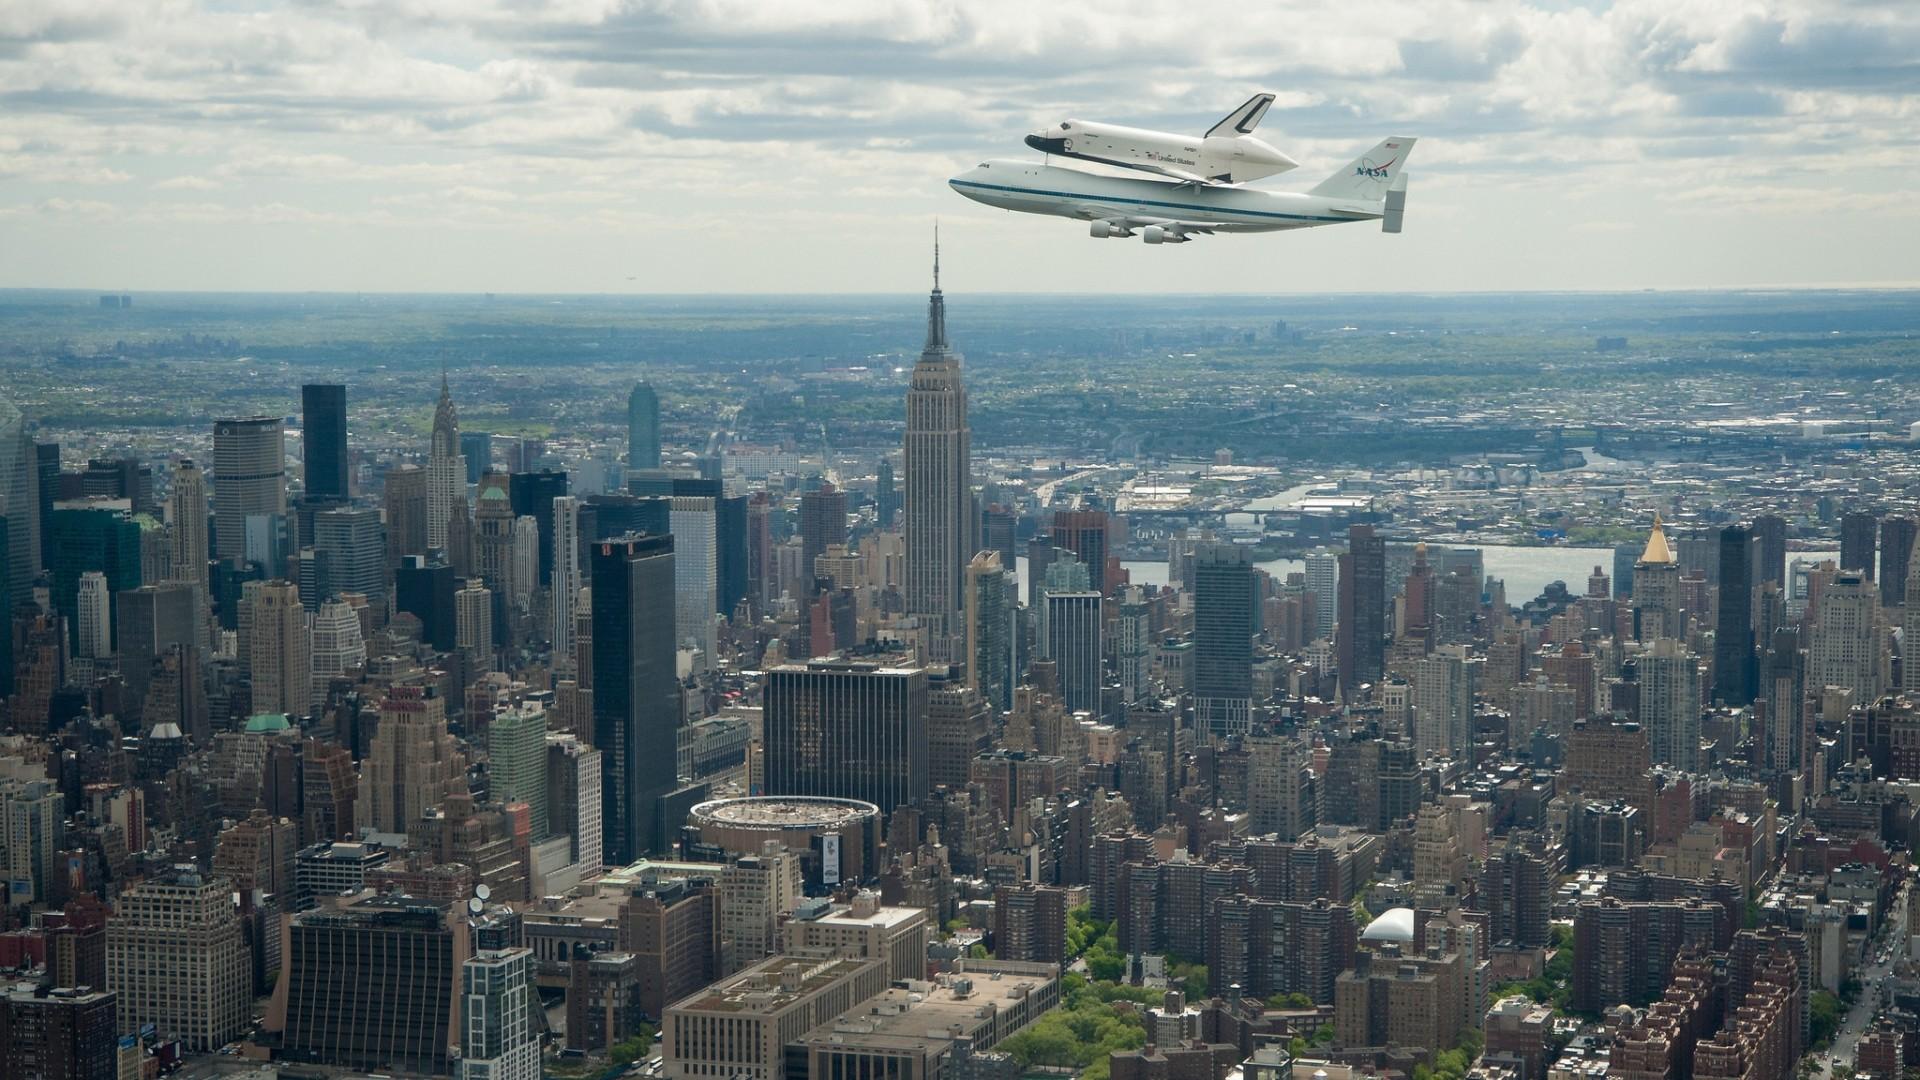 самолет улетает в америку картинка скучными